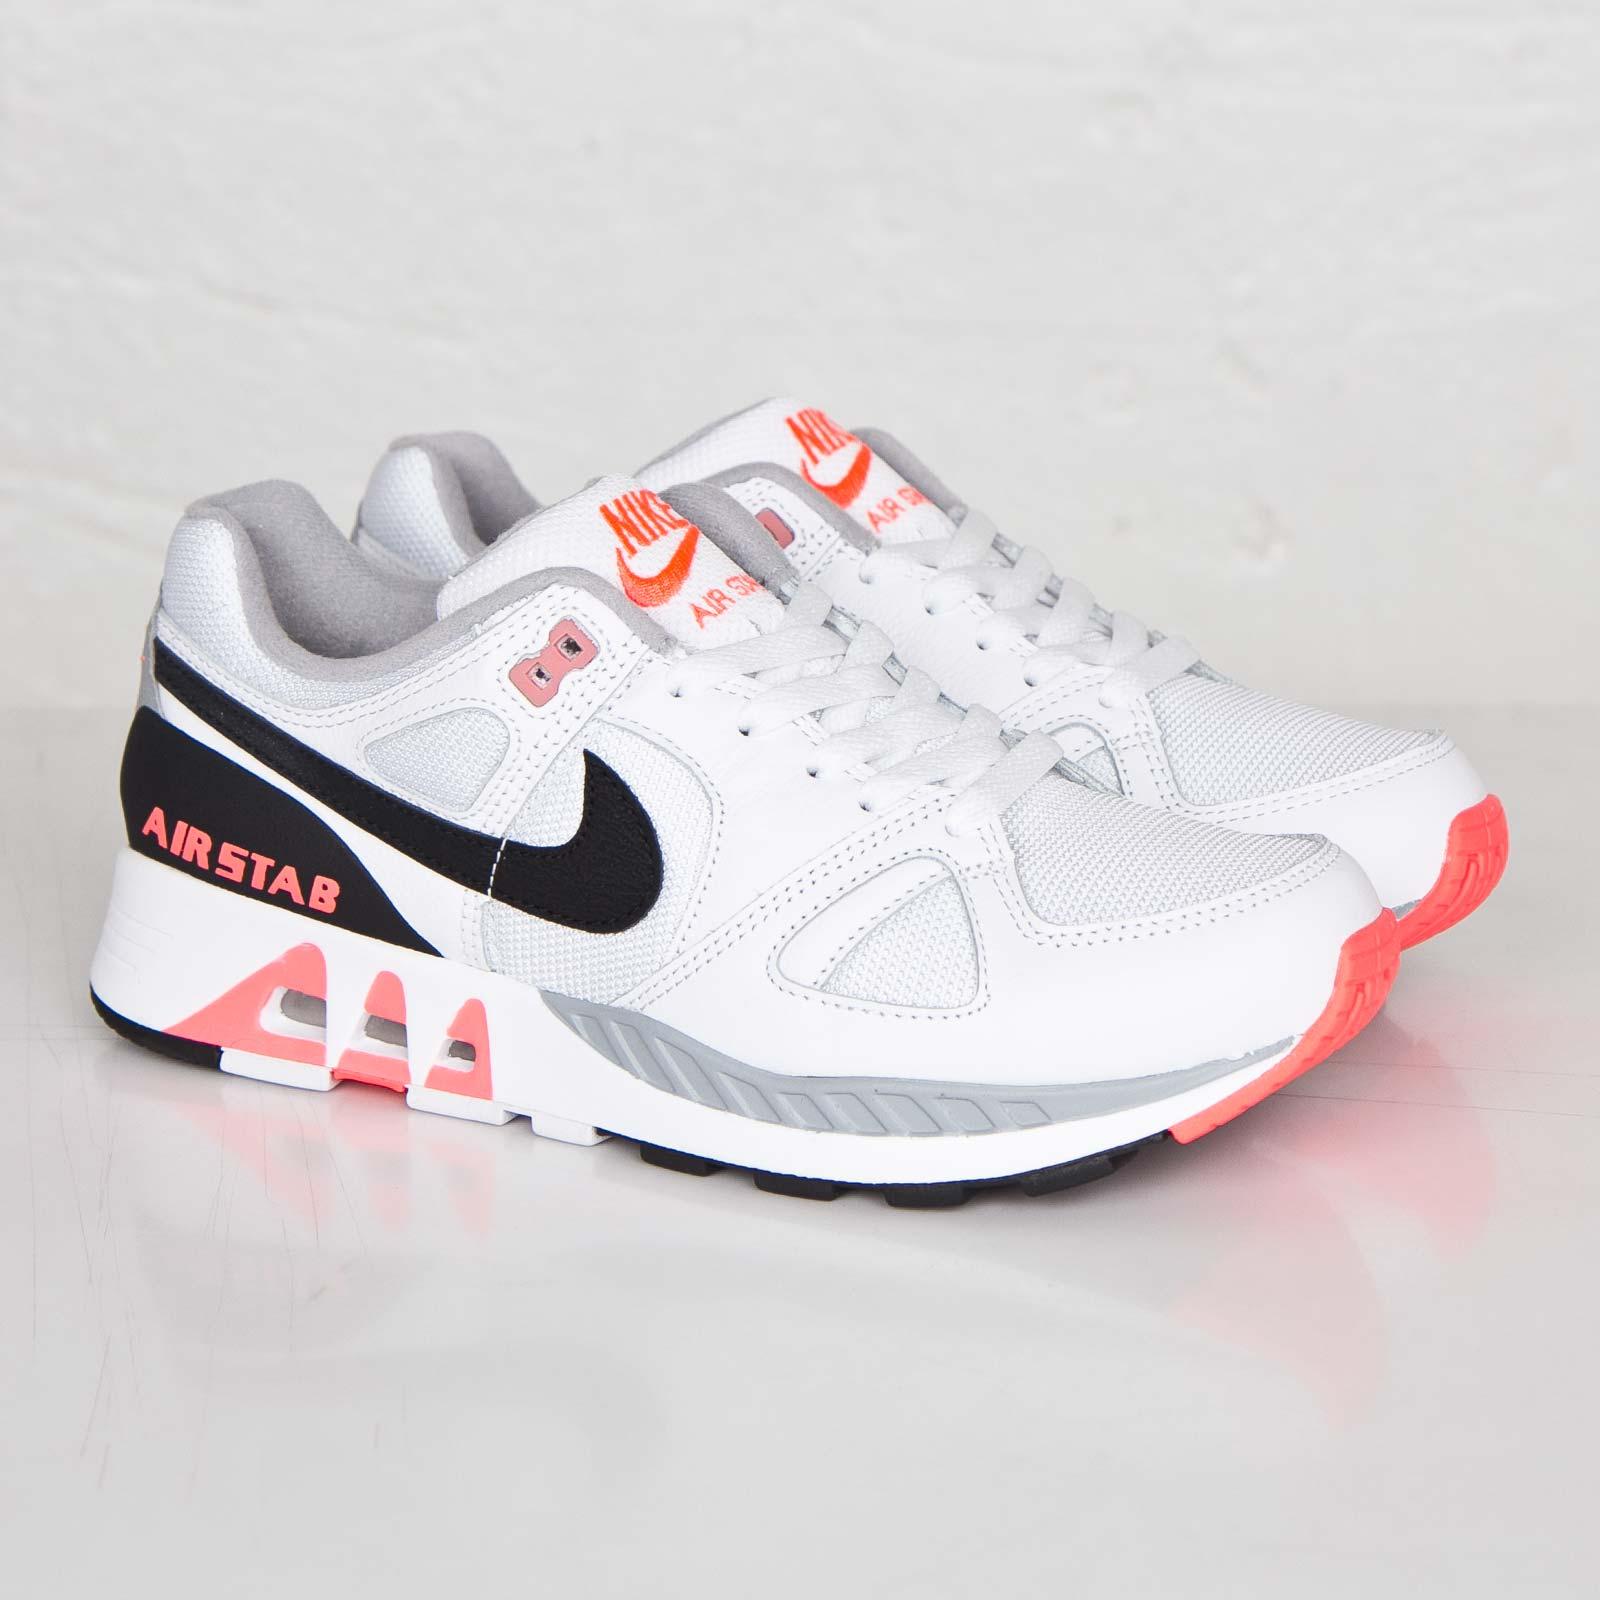 2fb775d8a49e Nike Air Stab - 312451-101 - Sneakersnstuff